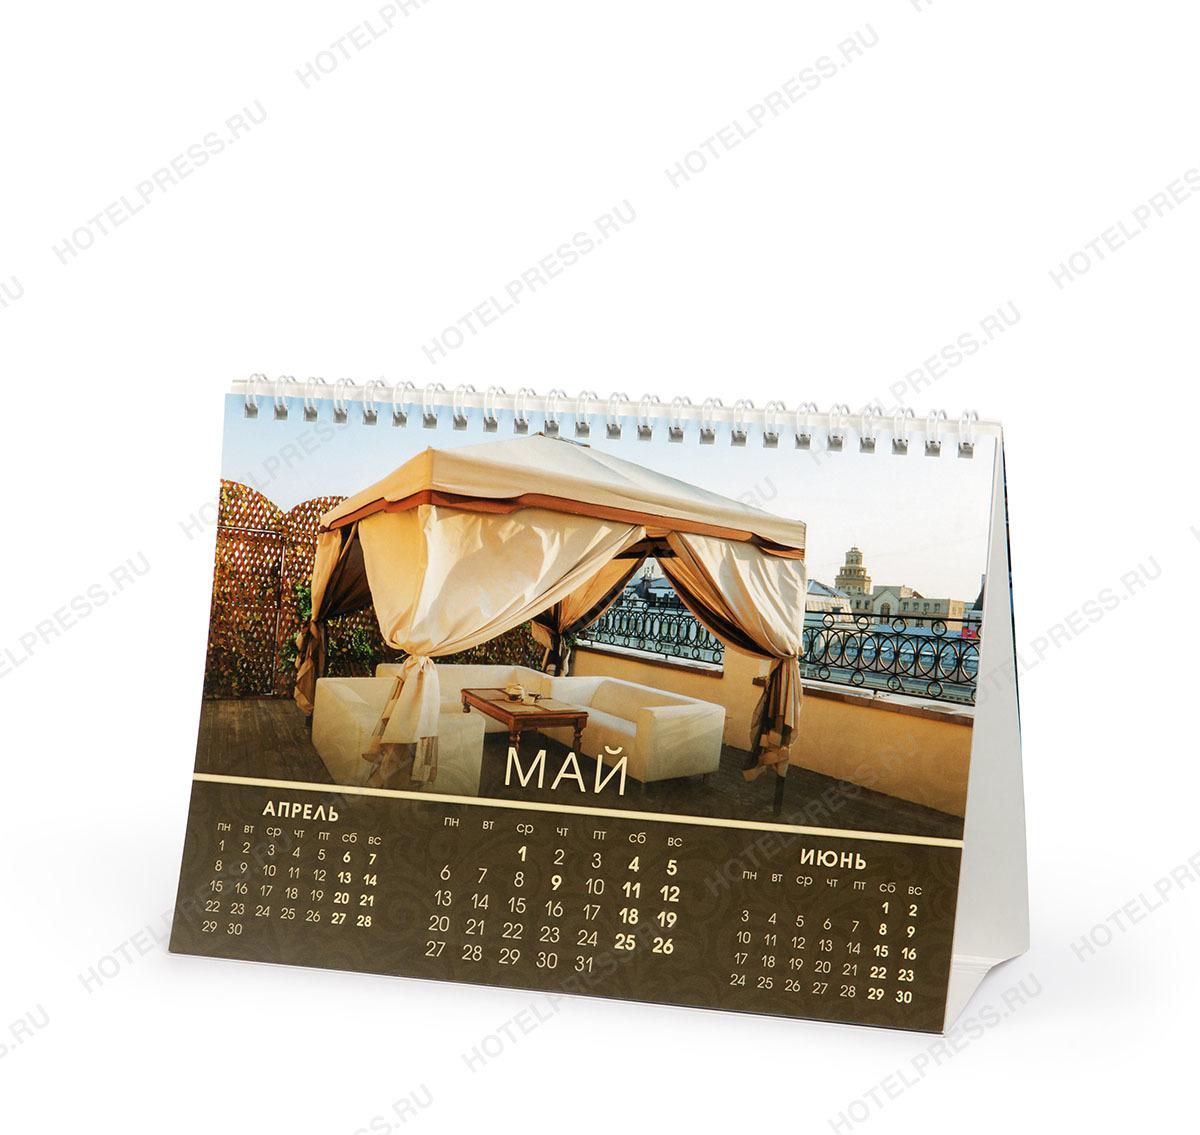 Календарь гостиницы Садовое Кольцо